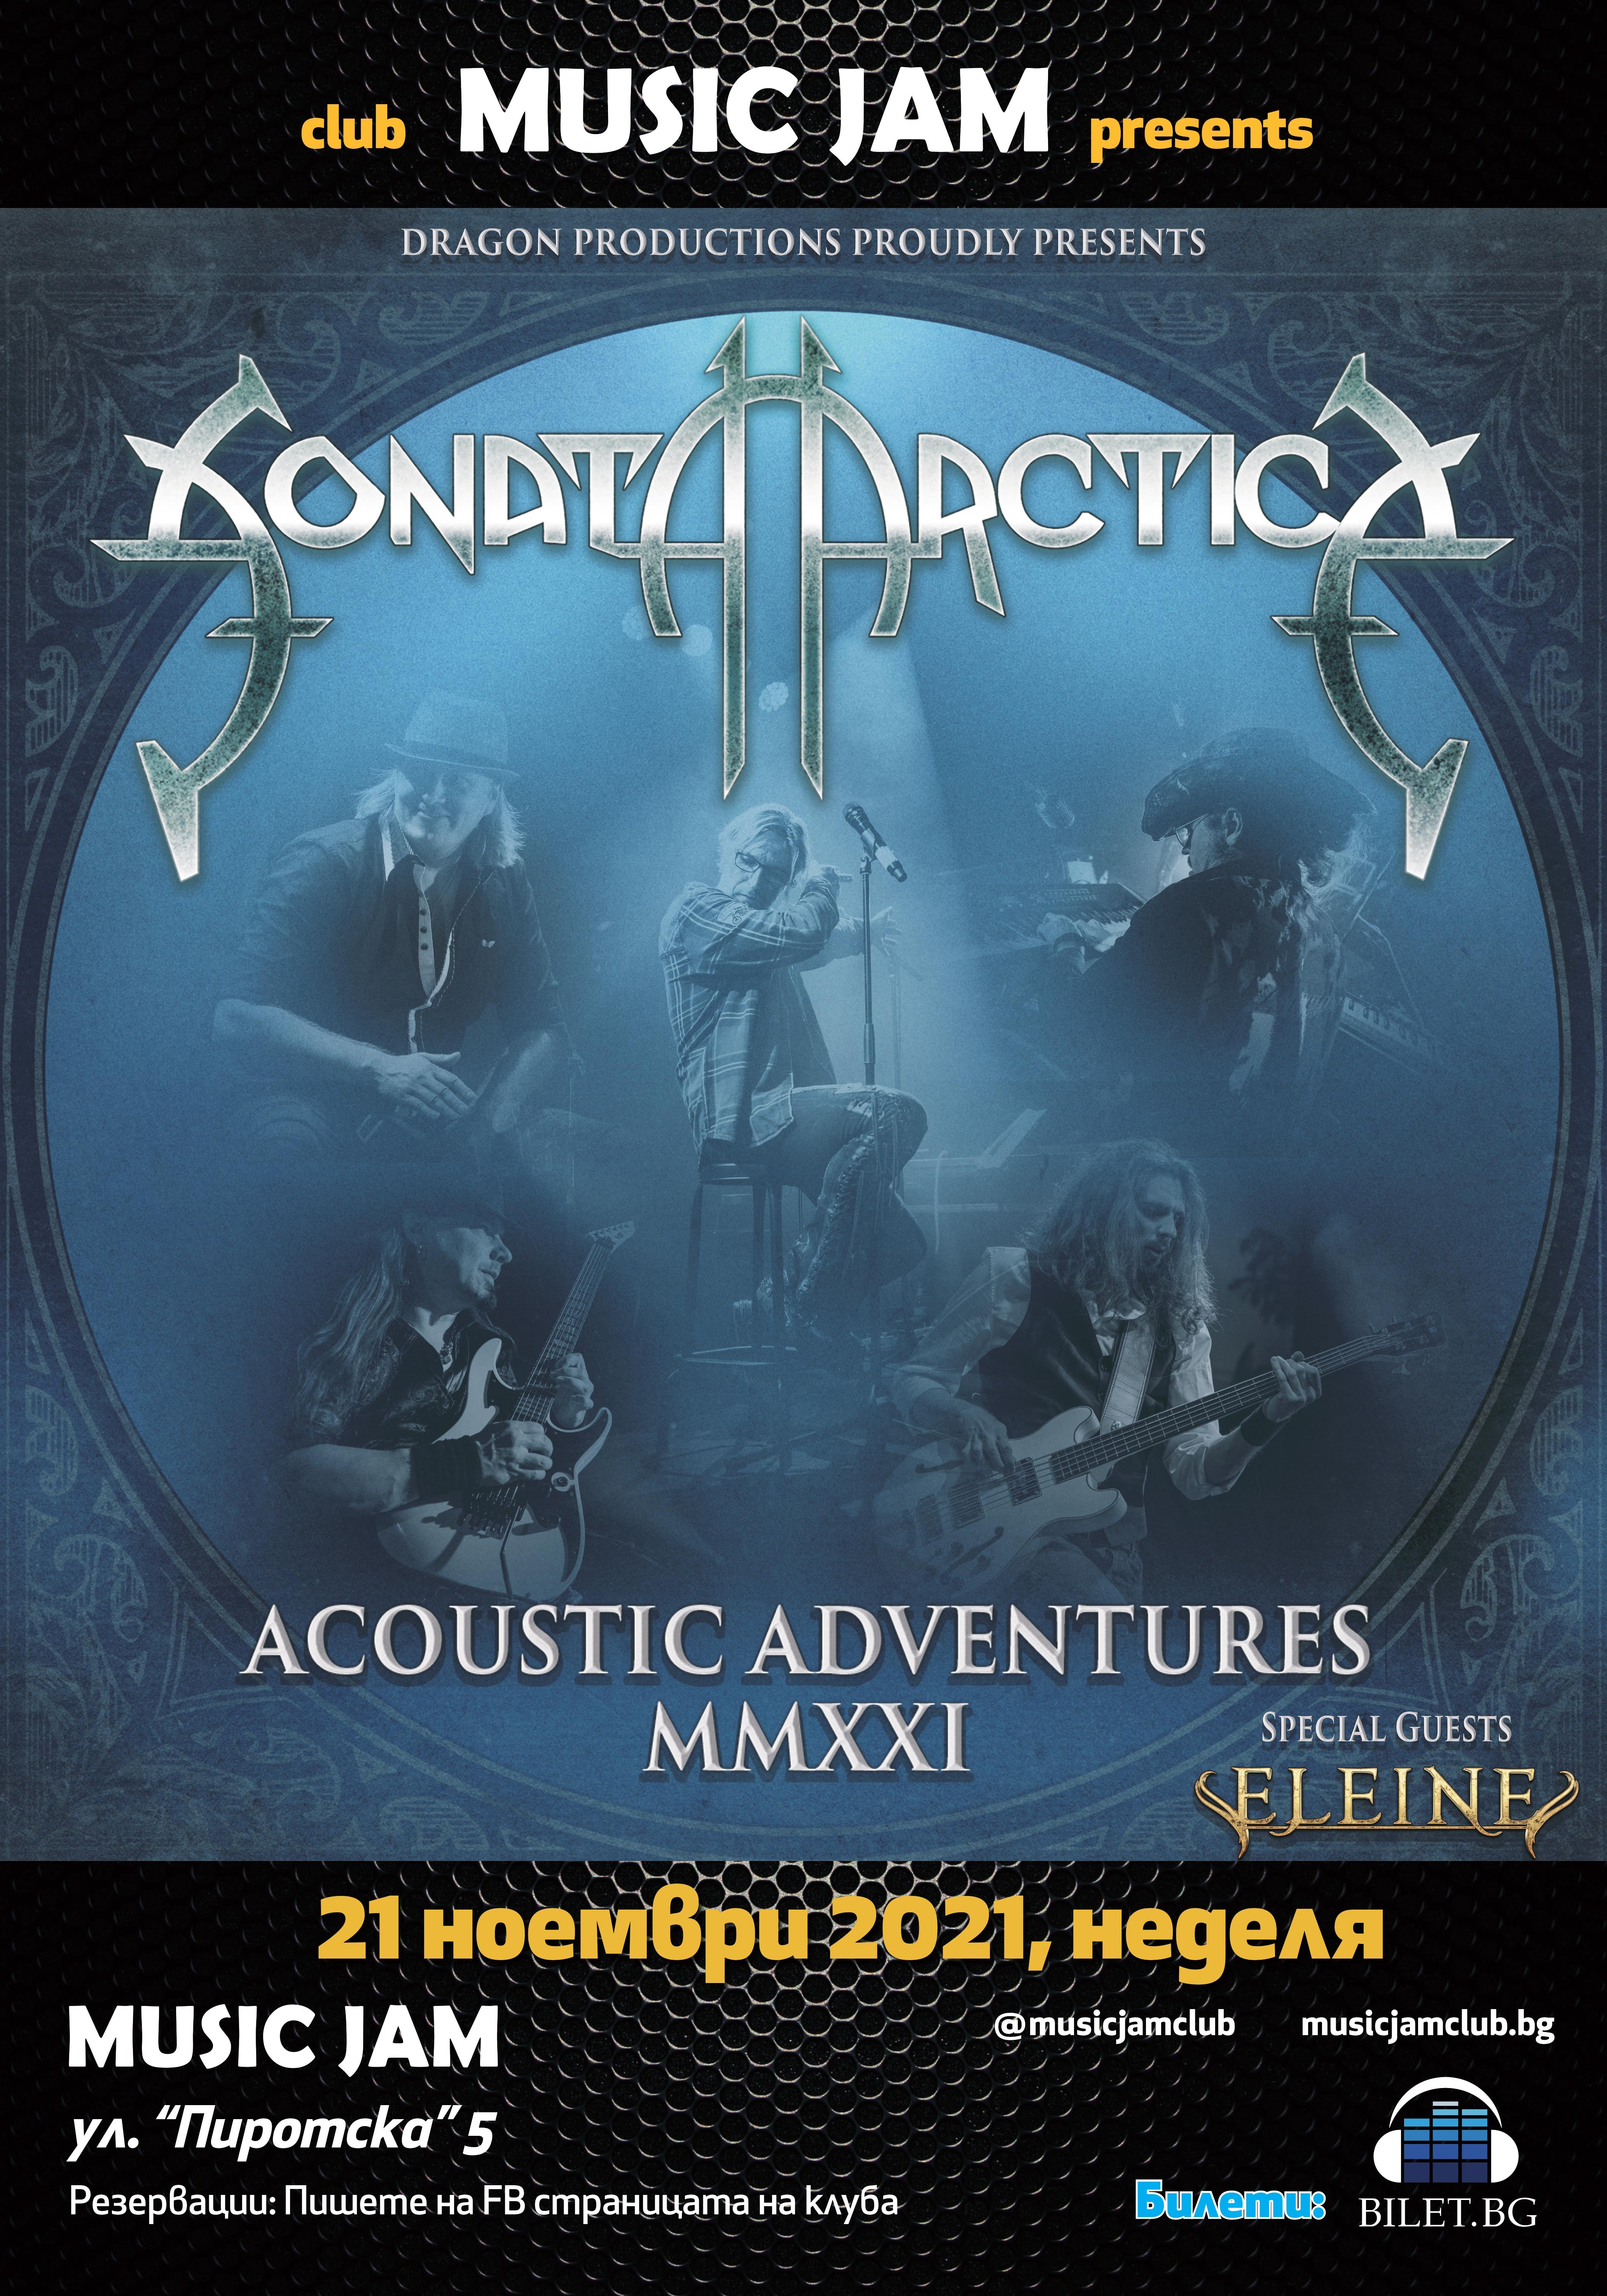 Sonata Arctica с акустичен концерт в София на  21 ноември 2021г.